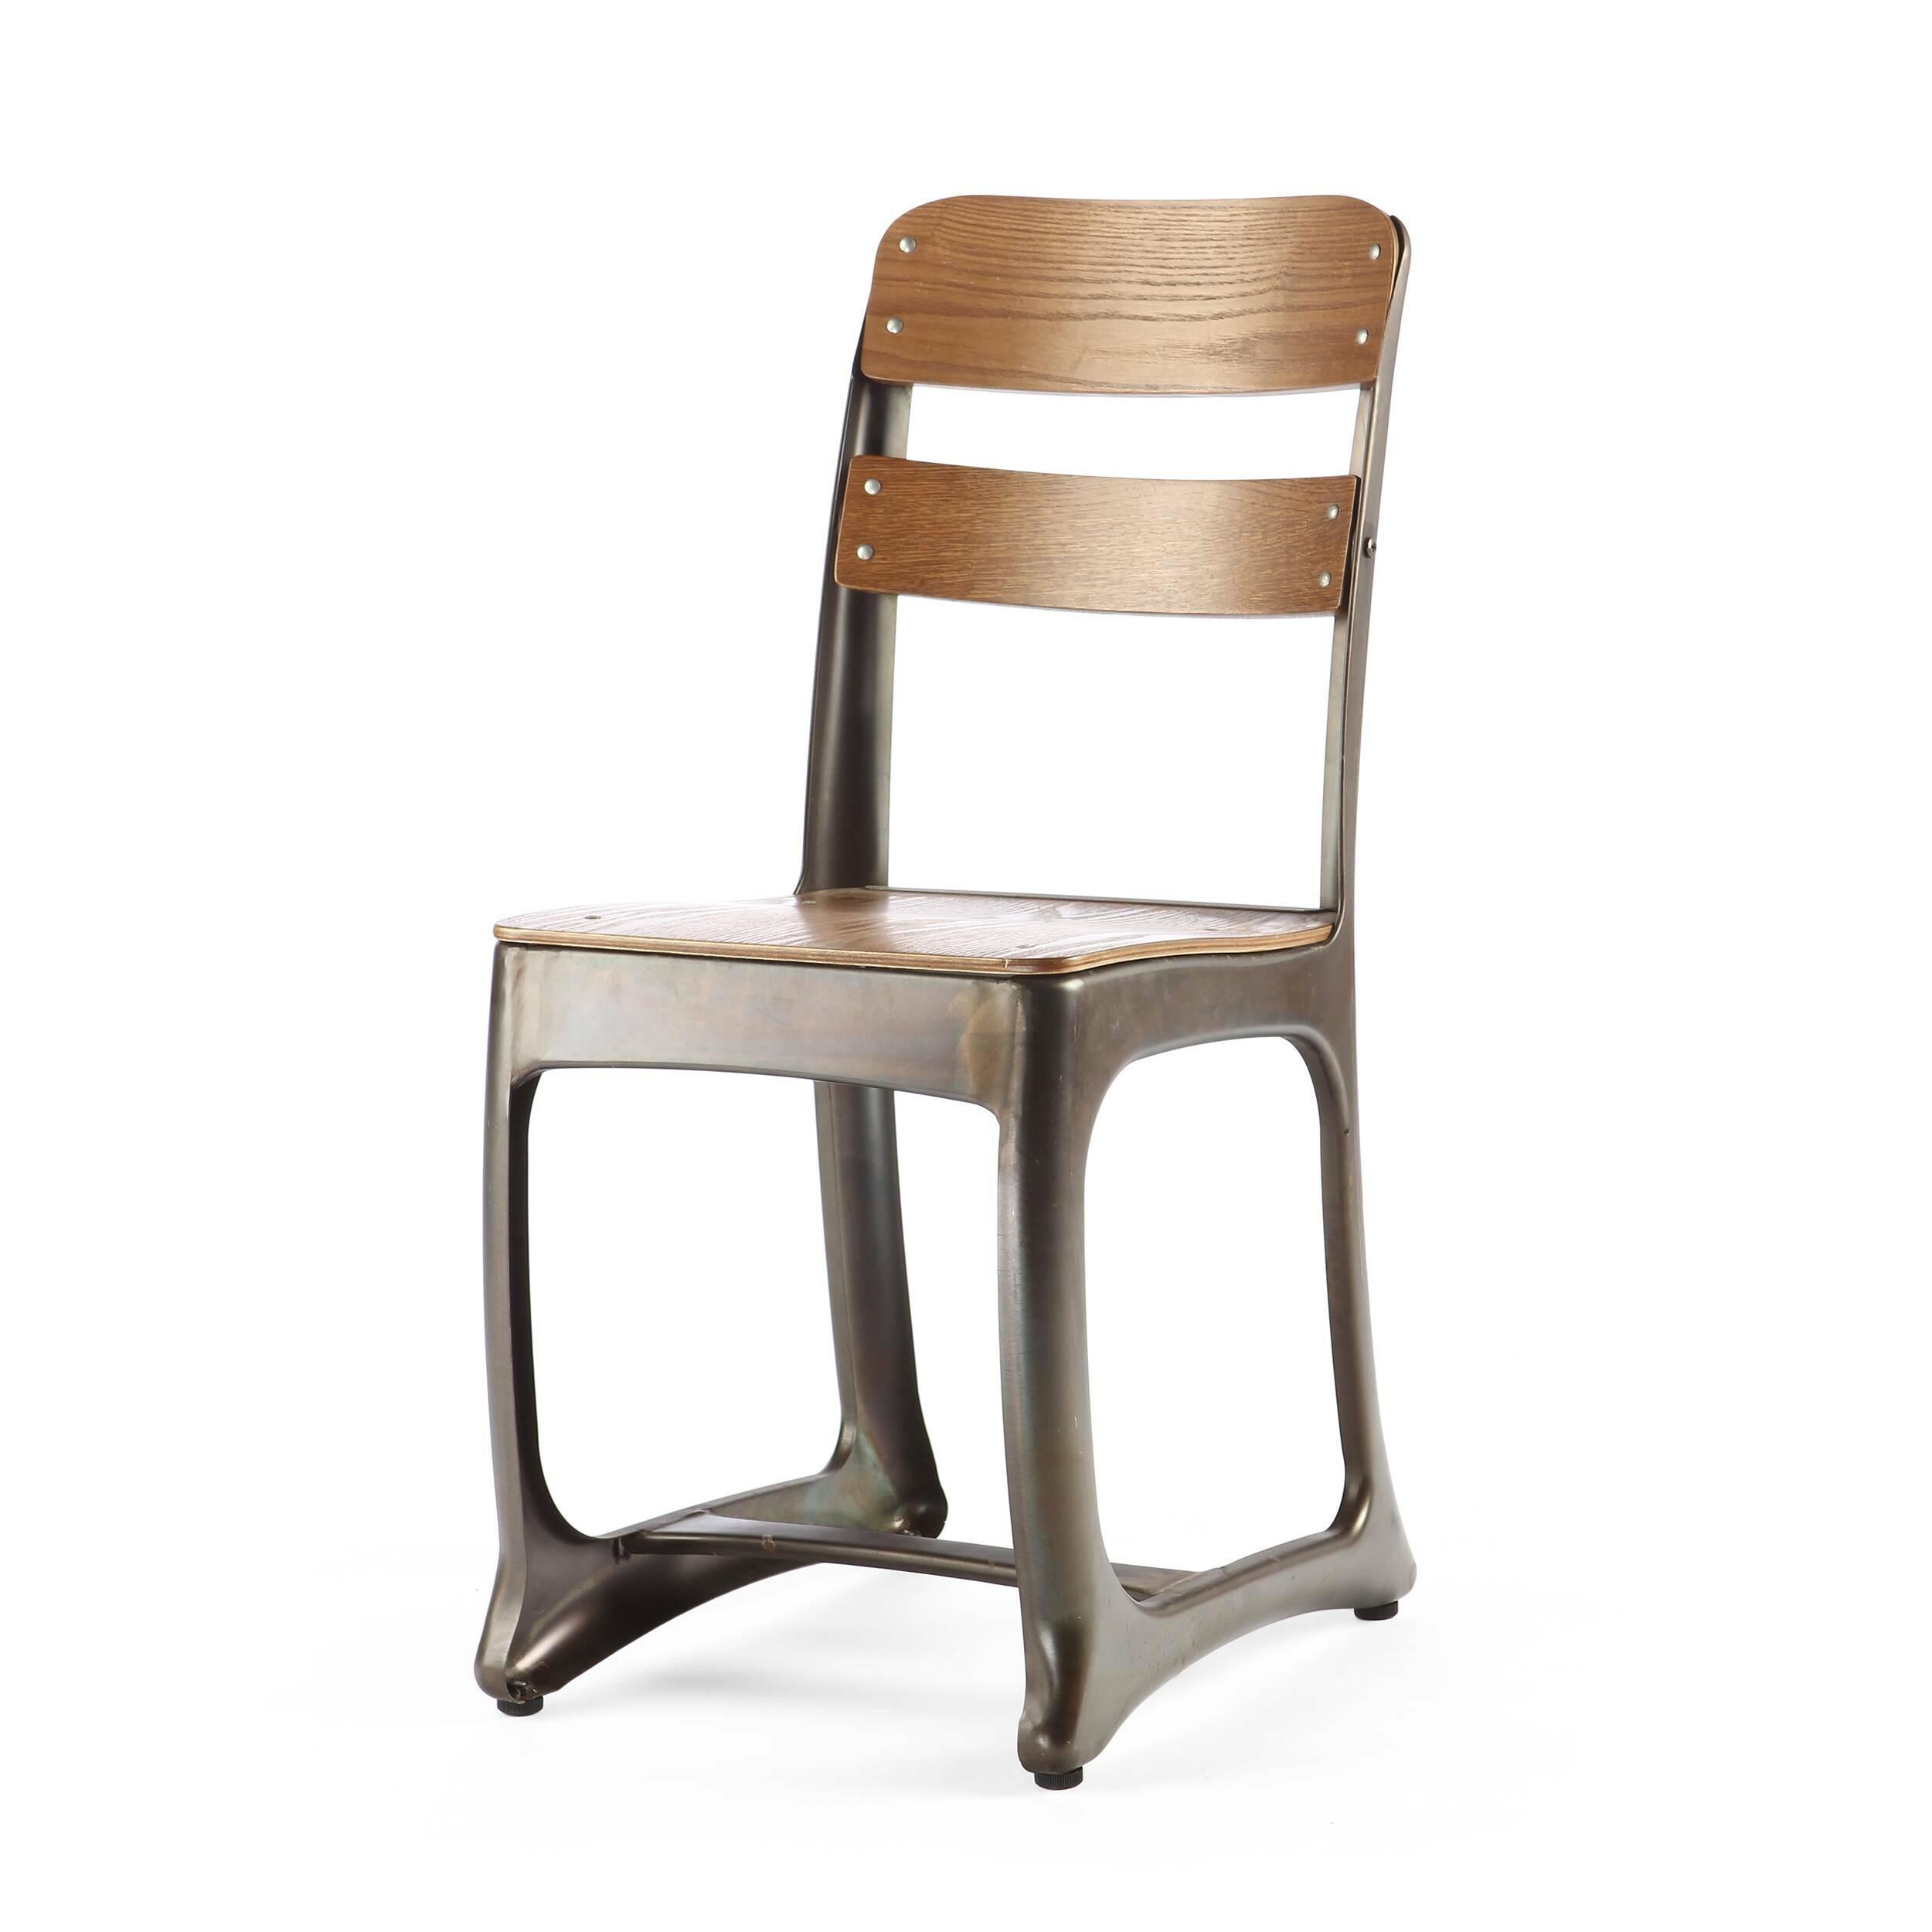 Стул OctoИнтерьерные<br>Дизайнерский стул Octo (Окто) на стальном каркасе цвета кофейной ржавчины с деревянным сиденьем и спинкой от Cosmo (Космо).<br>Если взглянуть на стул Octo, довольно сложно будет понять, в чем же именно заключается необычность его дизайна. Все материалы, из которых он изготовлен, формы отдельных деталей вполне привычны. Однако не признать, что в его силуэте есть особая изюминка, просто невозможно. Неординарность его дизайна составляют ножки, форма которых имеет отголоски не только индустриальног...<br><br>stock: 32<br>Высота: 83<br>Ширина: 51.5<br>Глубина: 39<br>Тип материала каркаса: Сталь<br>Материал сидения: Фанера, шпон ивы<br>Цвет сидения: Коричневый<br>Тип материала сидения: Дерево<br>Цвет каркаса: Ржавчина кофейная